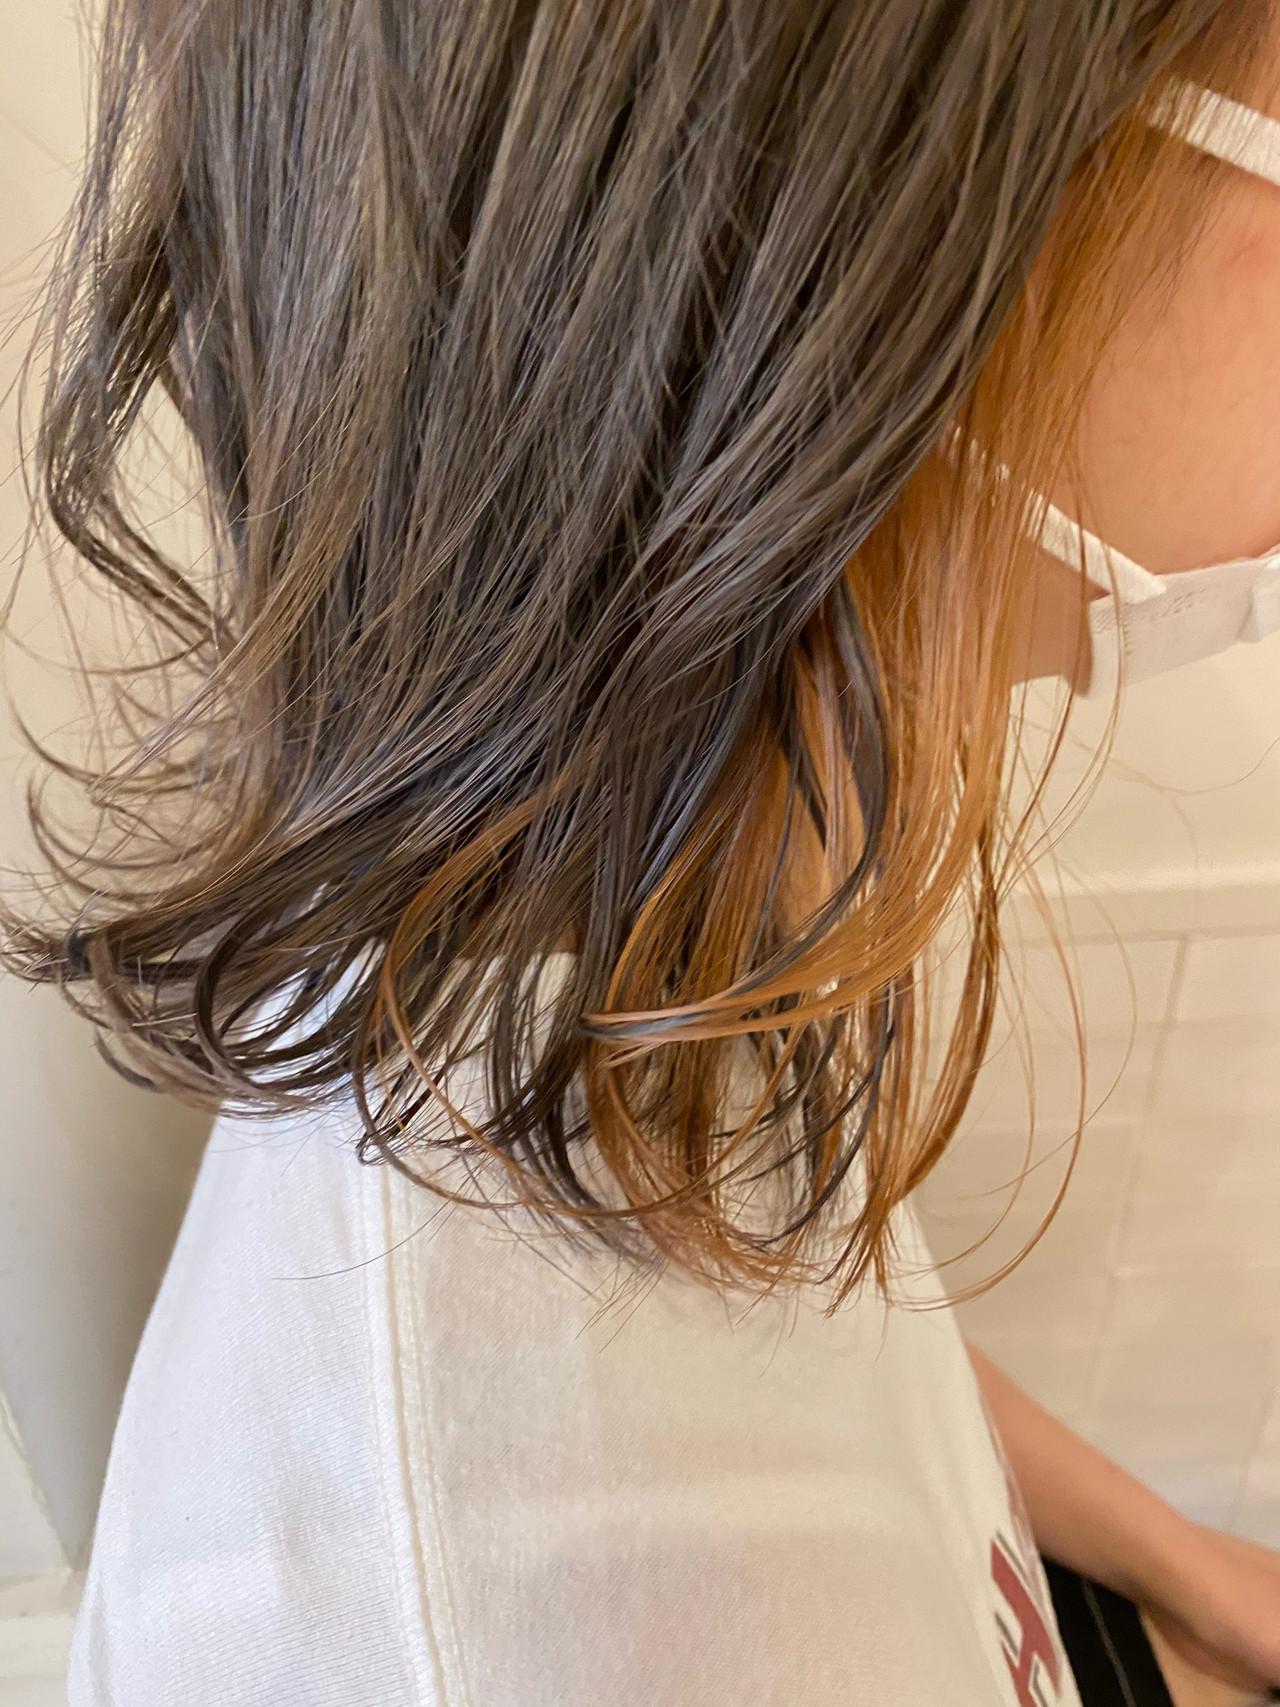 アプリコットオレンジ ラベンダーグレージュ インナーカラーオレンジ ナチュラル ヘアスタイルや髪型の写真・画像